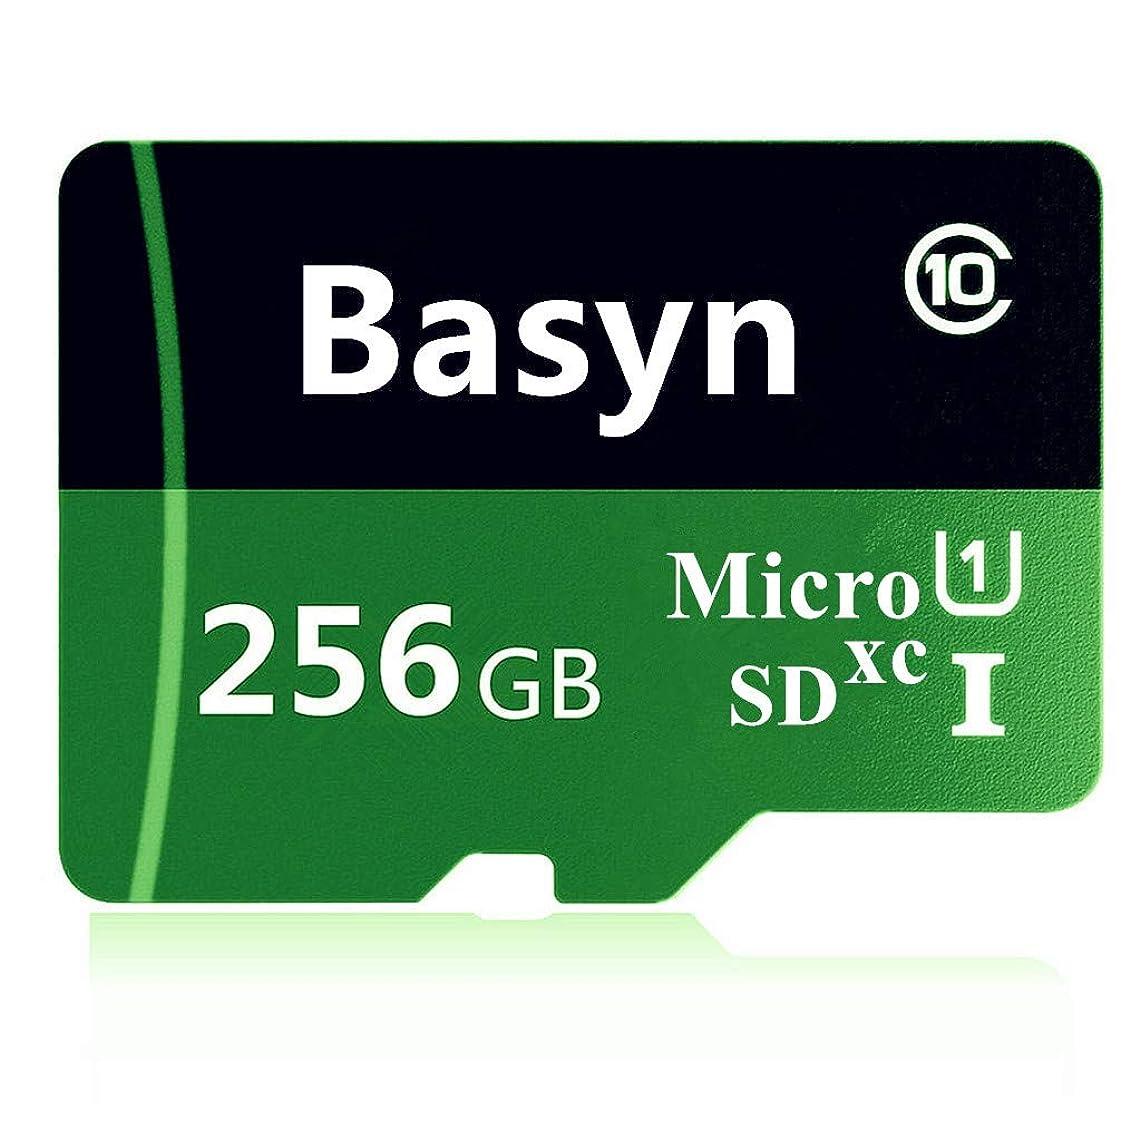 ステレオ二次できたBasyn microSDカード microSDXCカード 256 GBマイクロSD SDXCメモリーカード 超高速Class10 + SDカードアダプ(GS99-Q7) (256 GB)